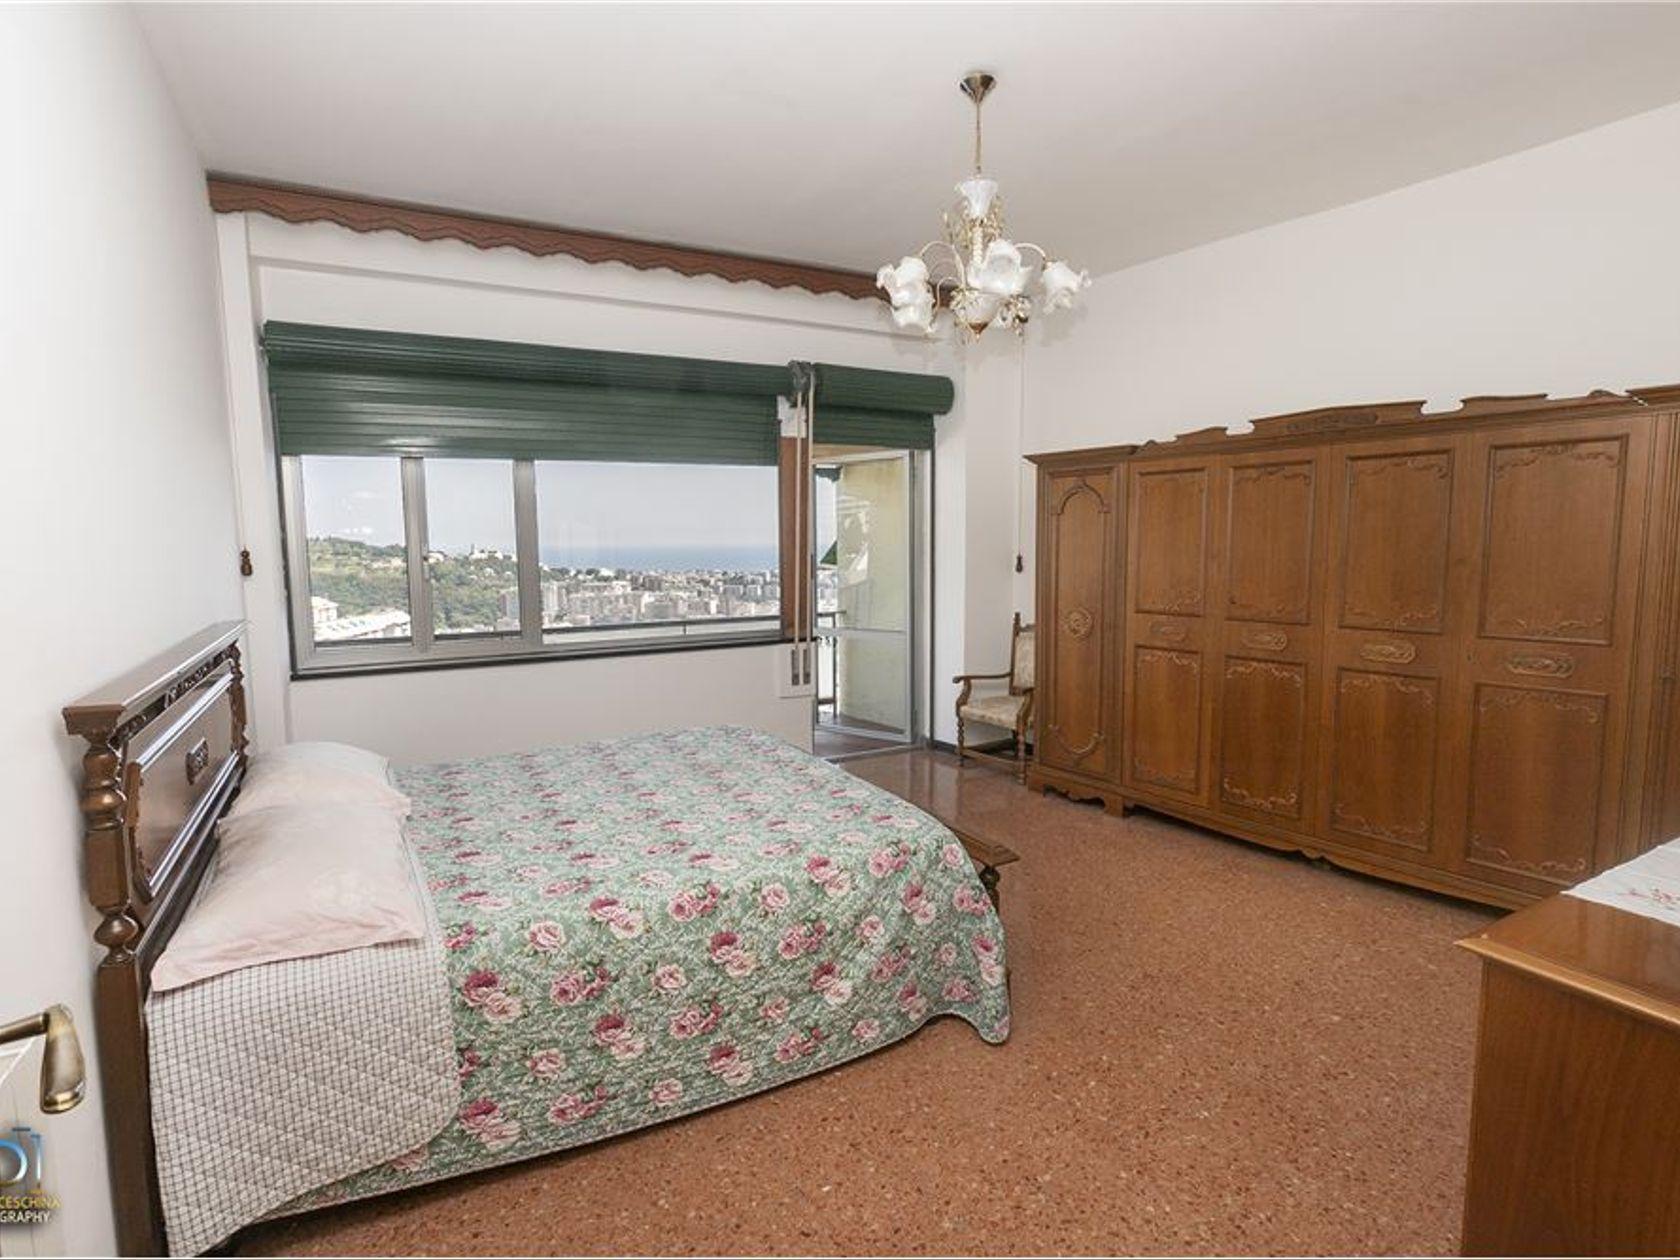 Vendita Porte A Genova appartamento in vendita genova 21711225-26 | re/max italia